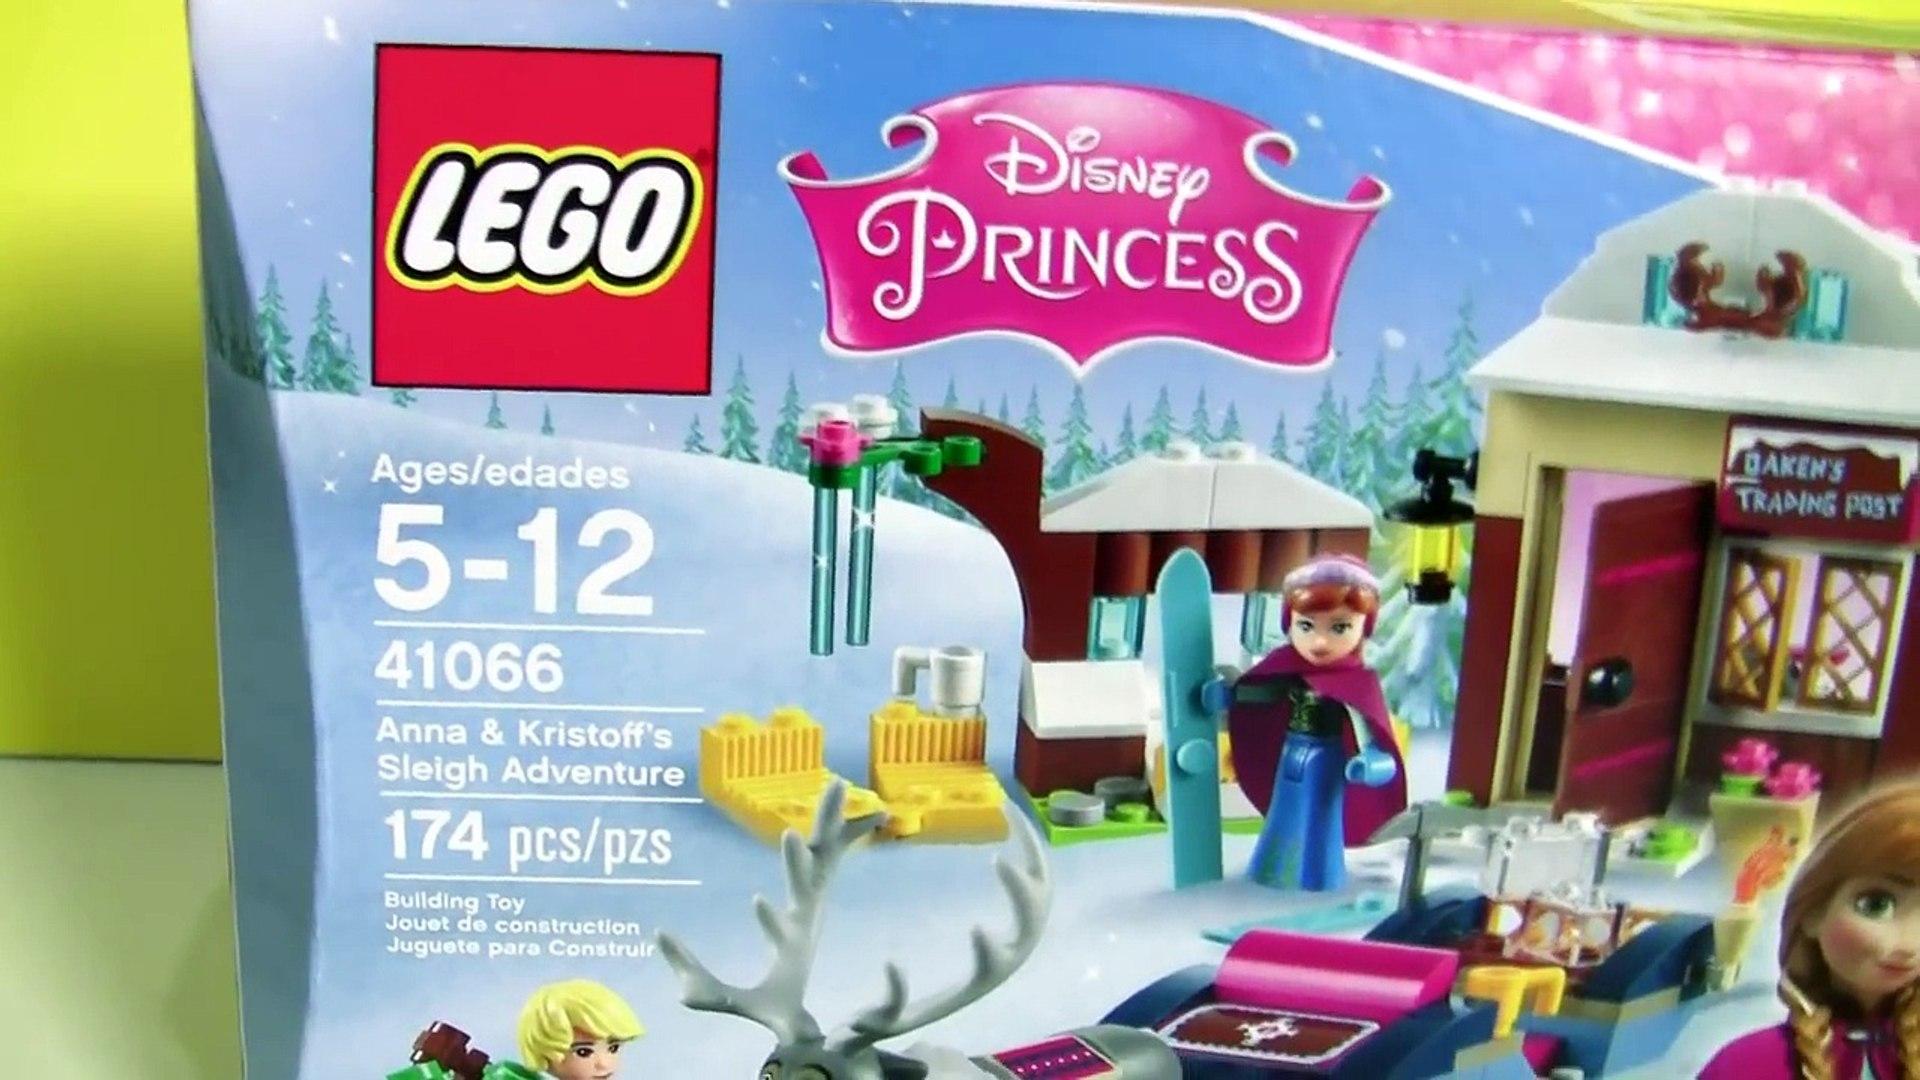 LEGO Aventuras de Trenó da Princesa Anna e Kristoff 41066 Filme Disney Frozen completo em Portugues